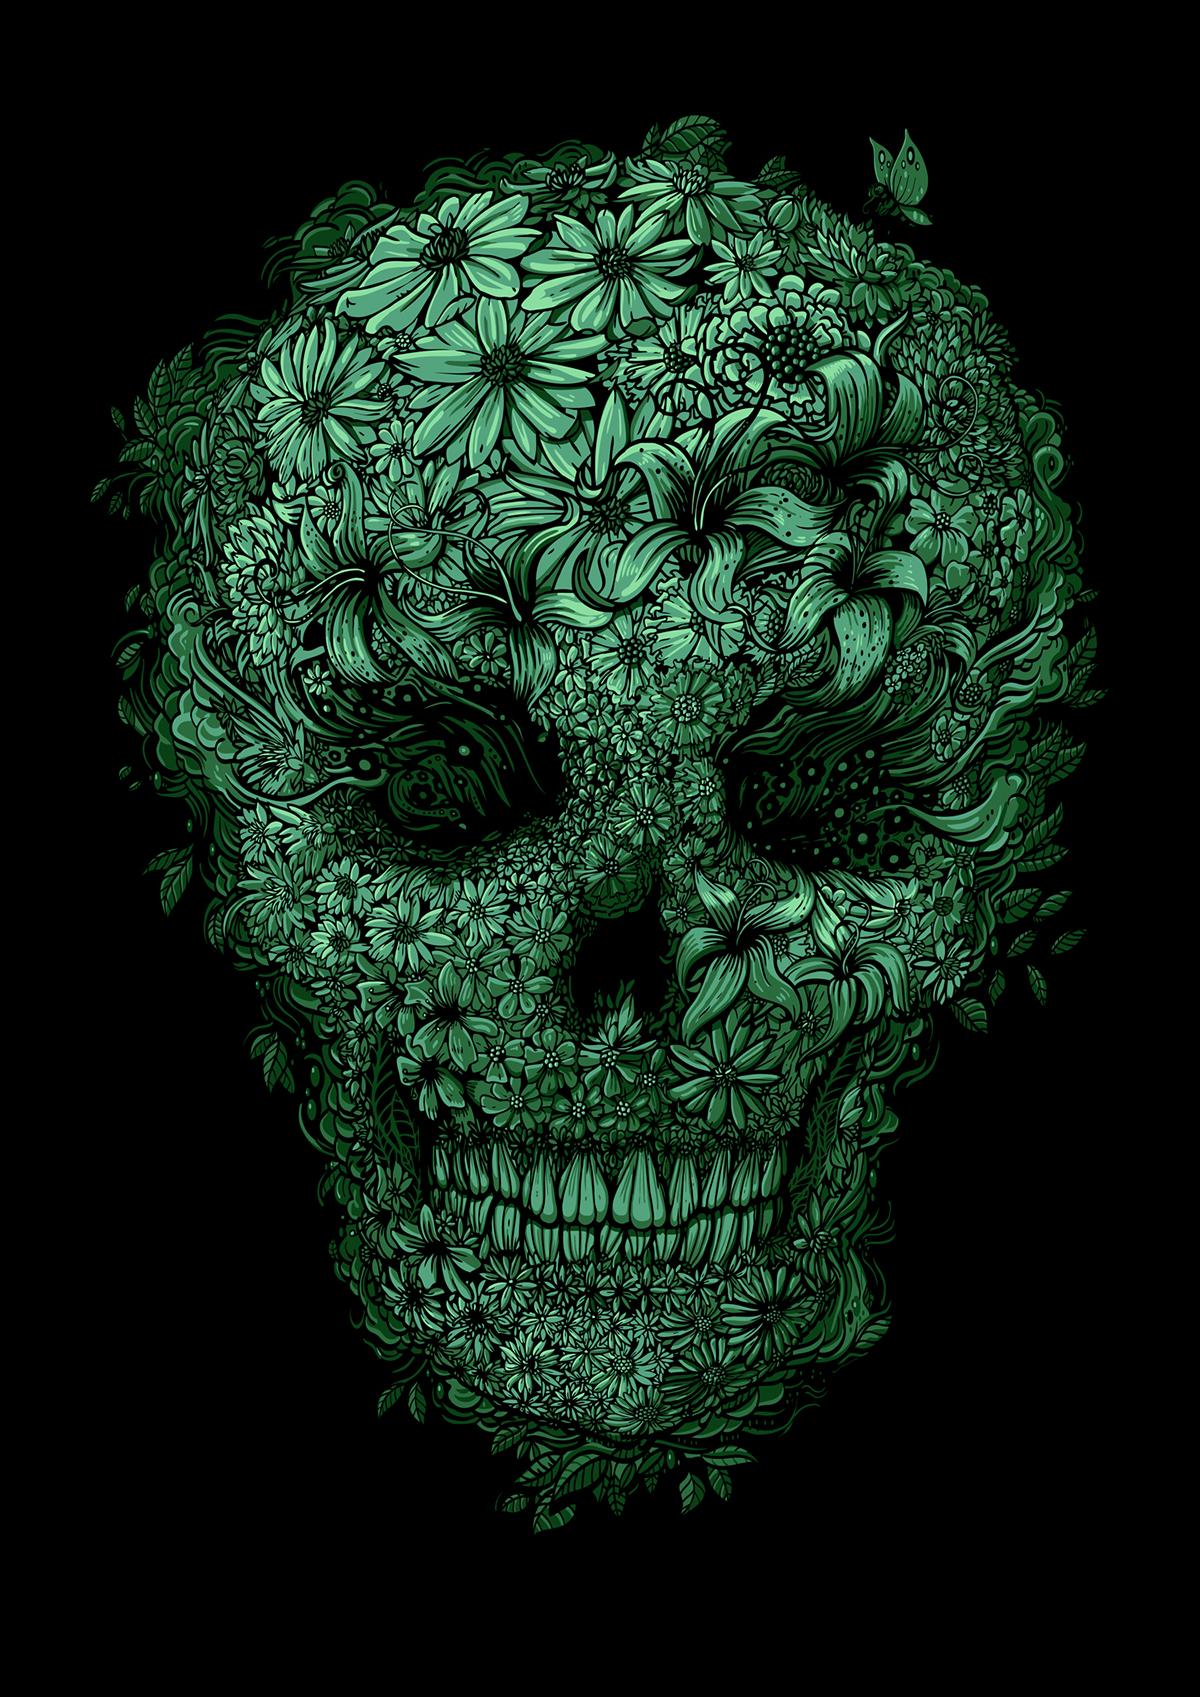 T-shirt design zeixs -  The Maker Printed By La Fraise